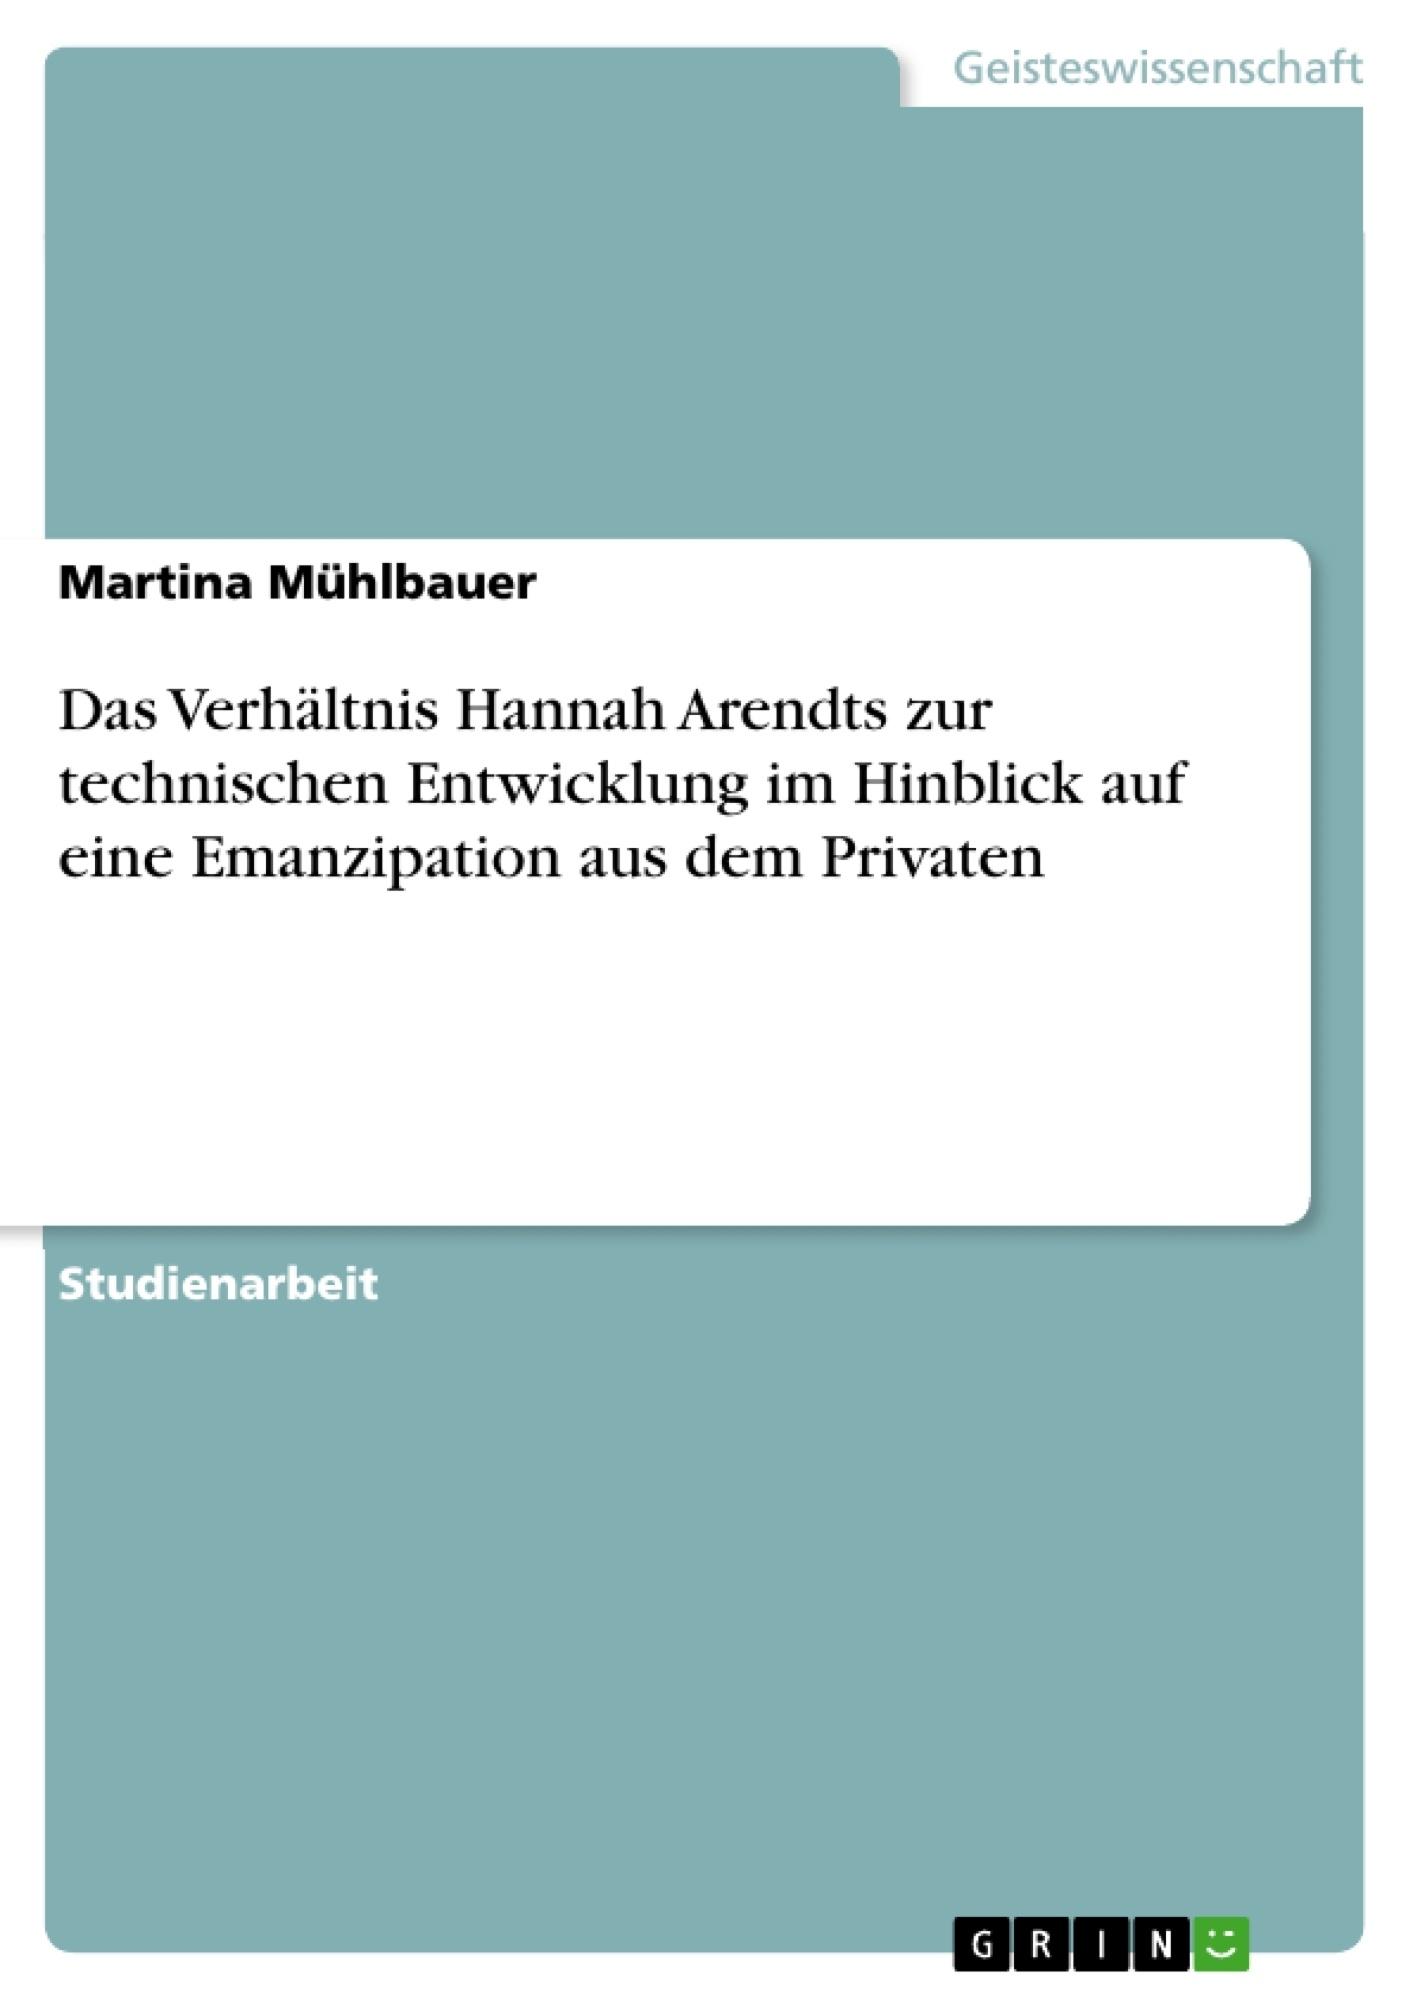 Titel: Das Verhältnis Hannah Arendts zur technischen Entwicklung im Hinblick auf eine Emanzipation aus dem Privaten